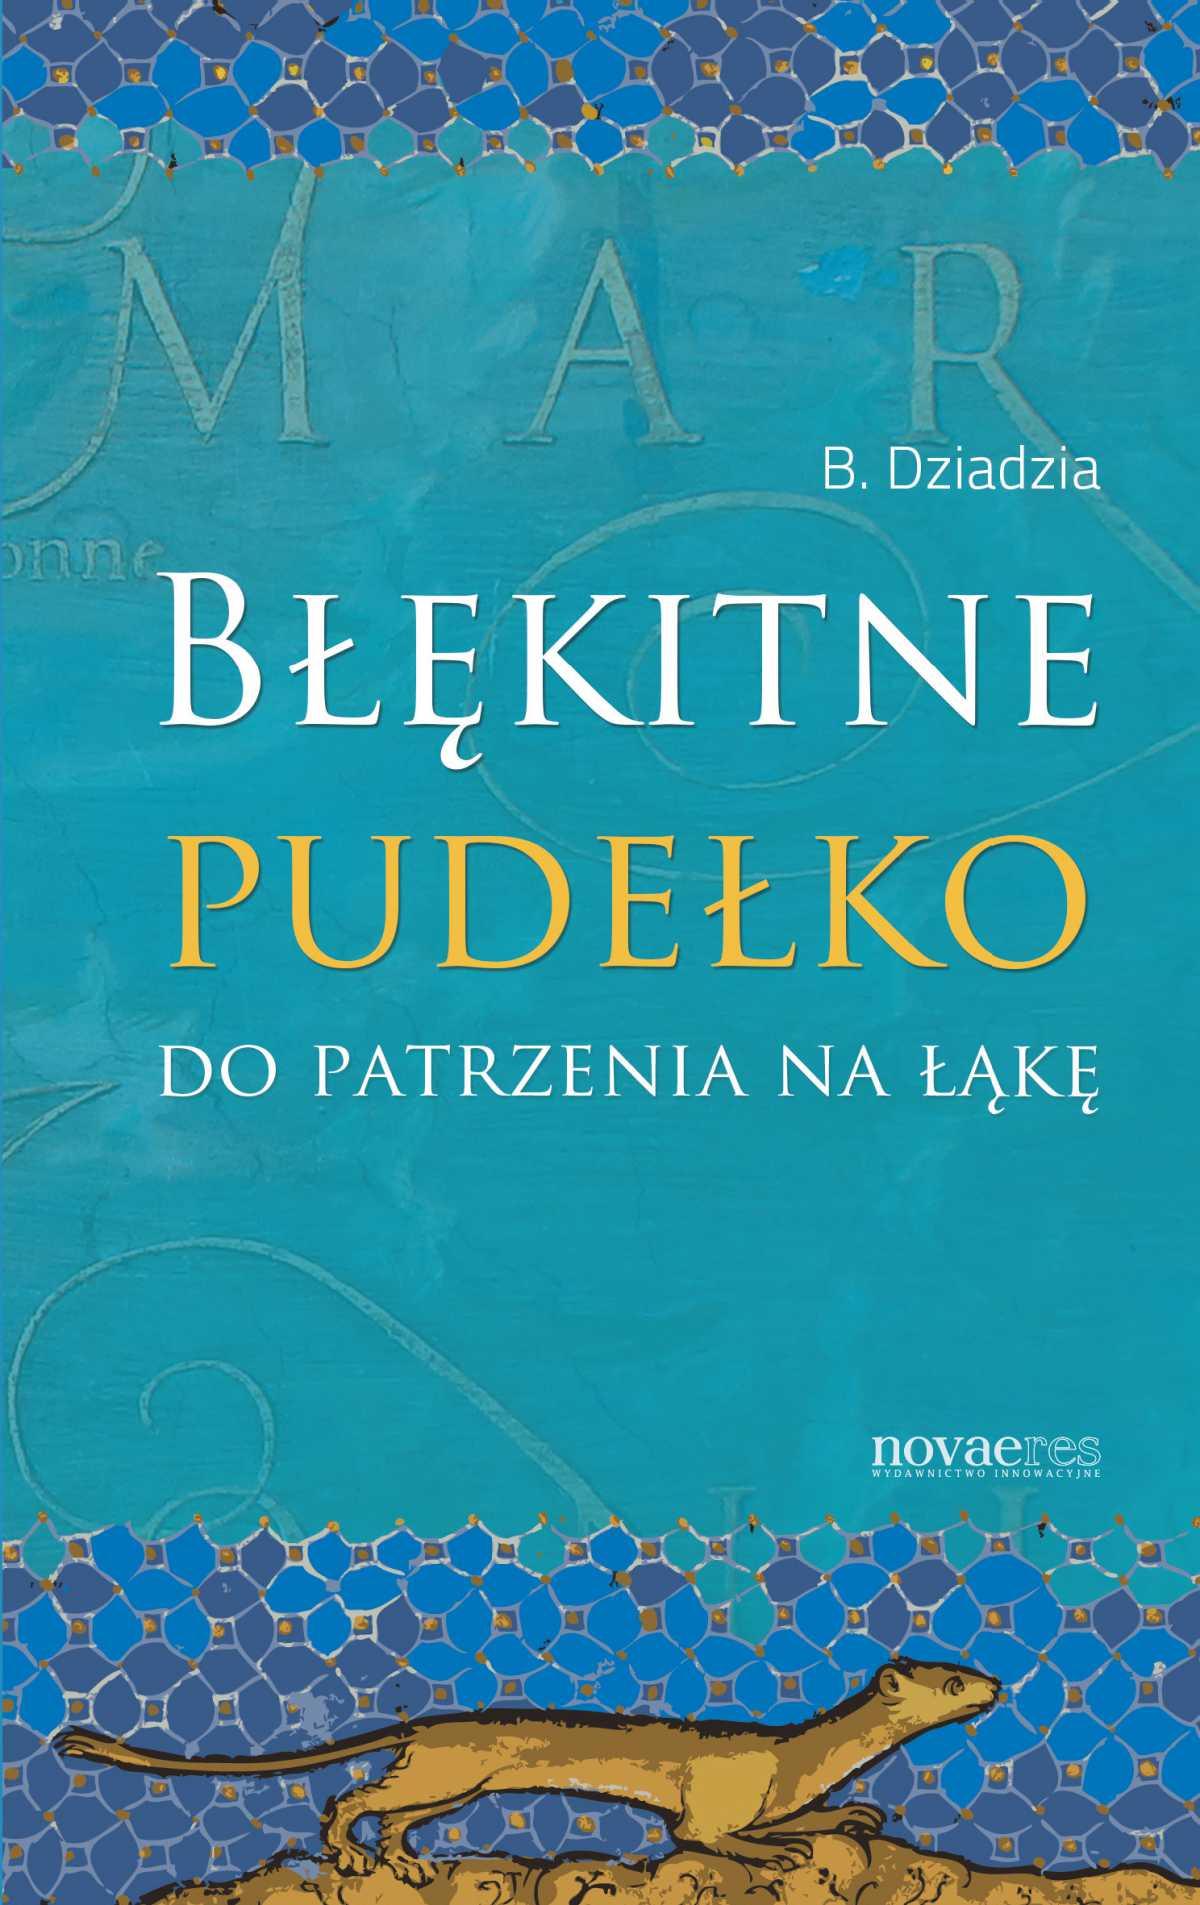 Błękitne pudełko do patrzenia na łąkę - Ebook (Książka EPUB) do pobrania w formacie EPUB